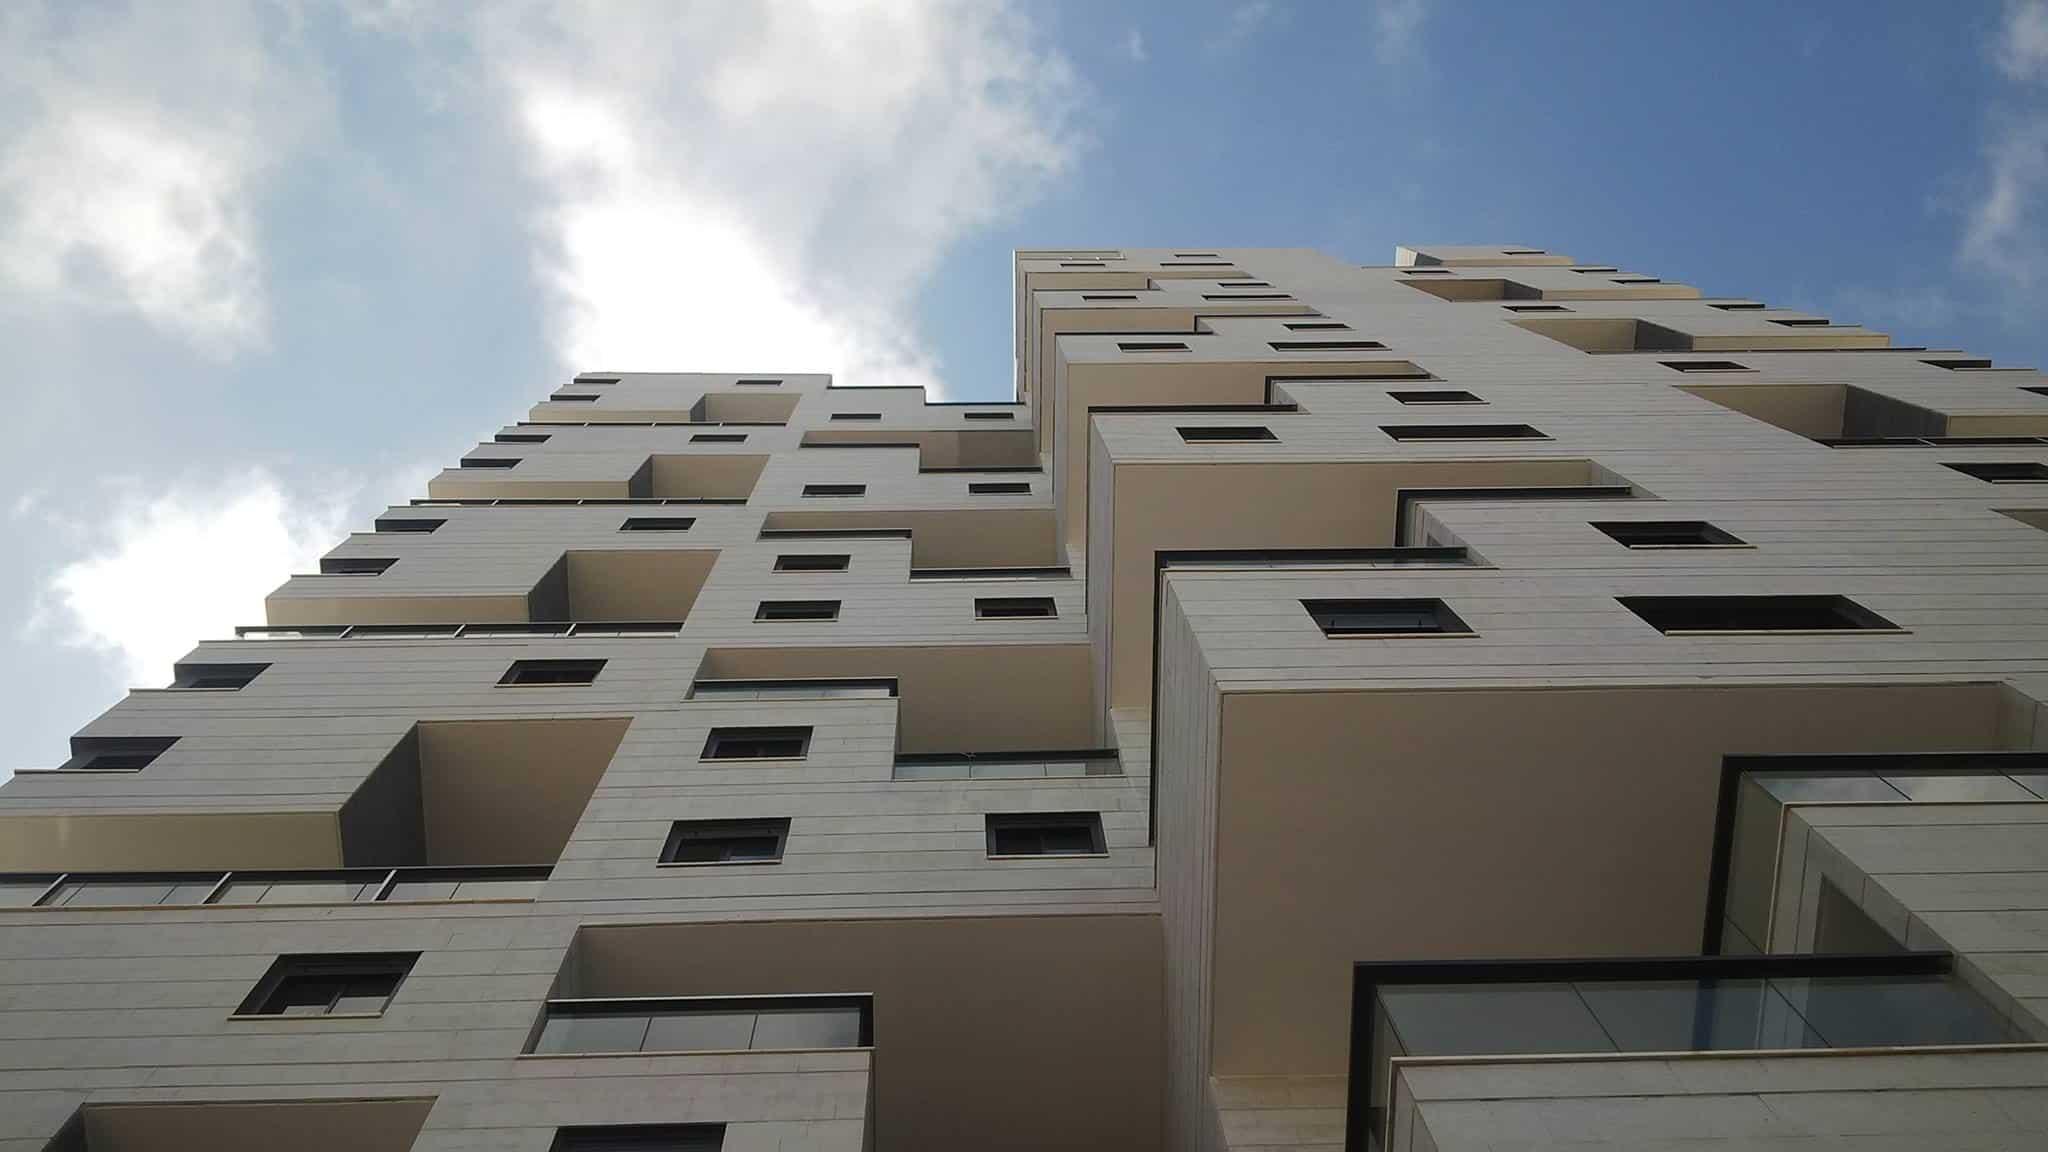 בונים מגדלי מגורים עם סקצ'אפ וזוכים בתחרויות! 2